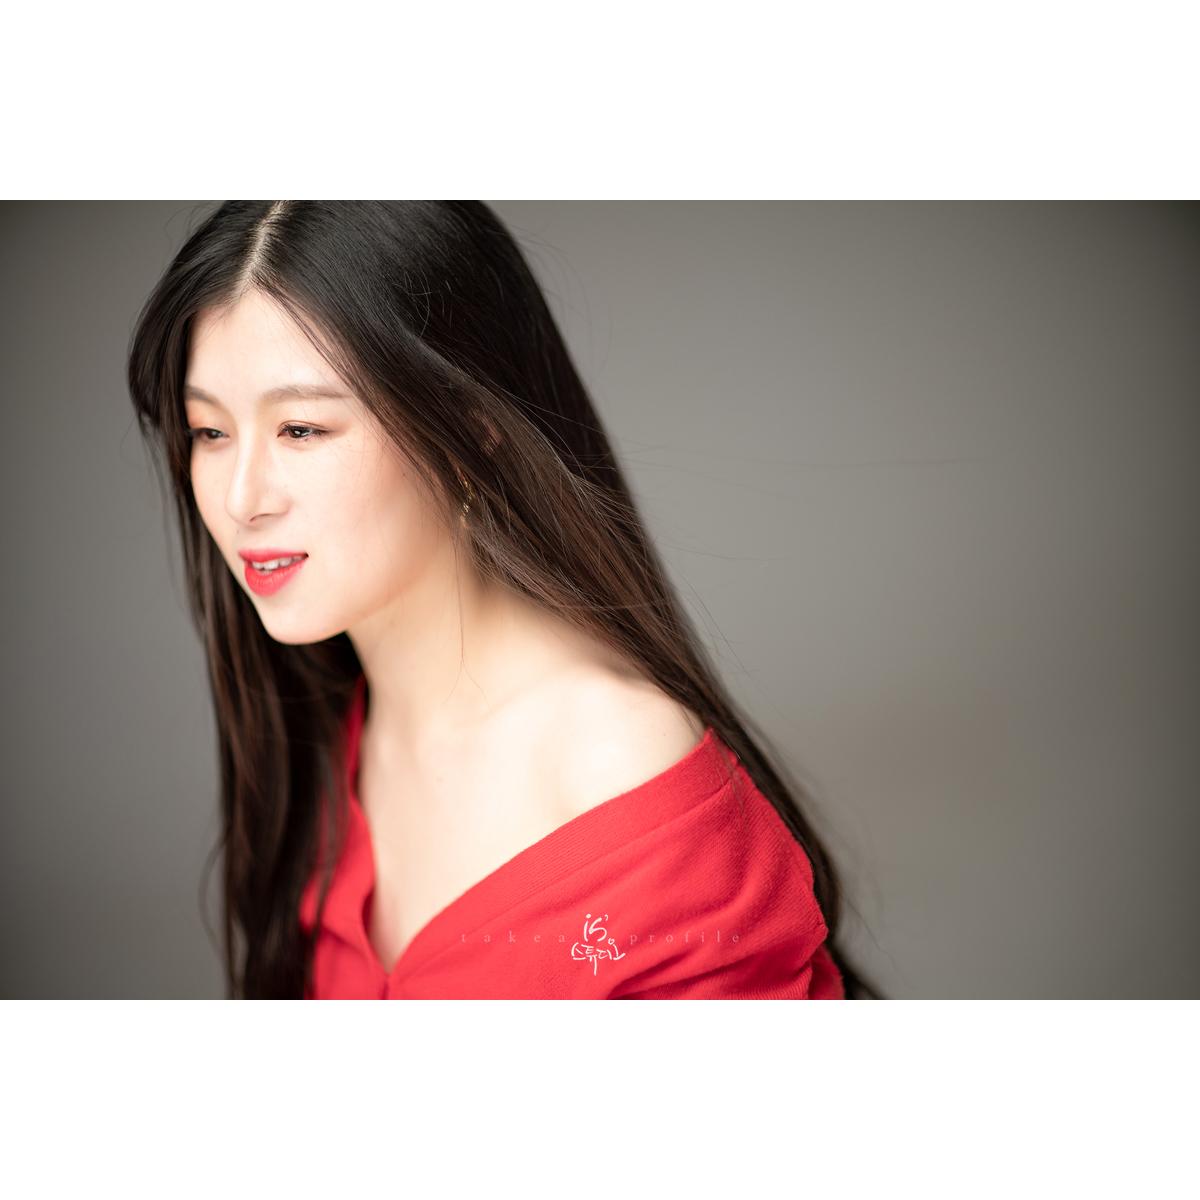 29살 그녀들의 우정촬영 (2/2)